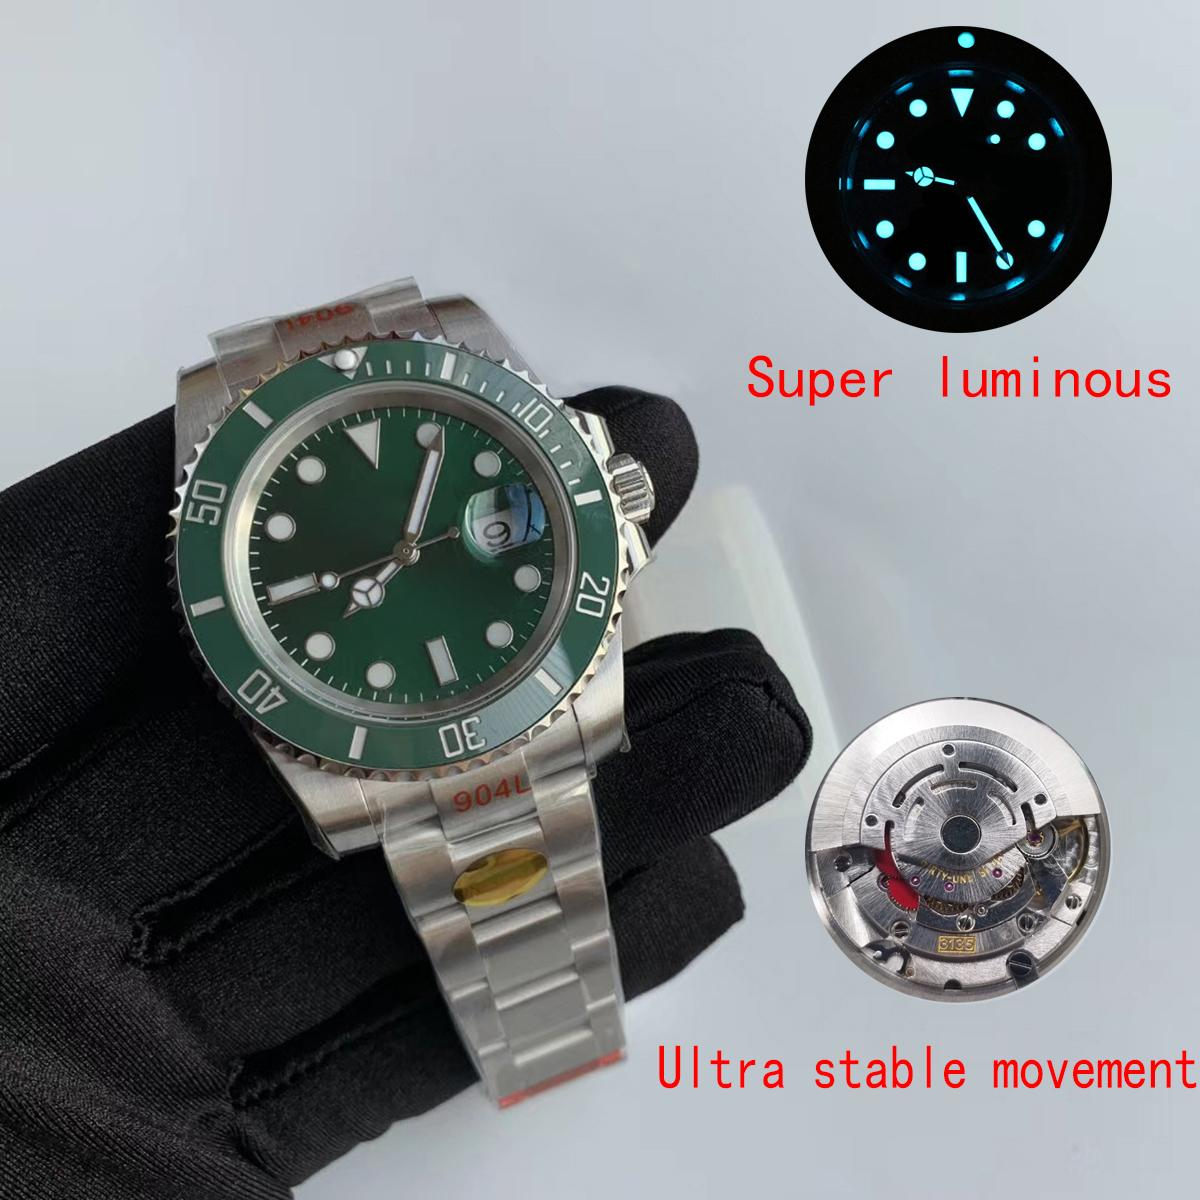 Спортивные мужские часы импортировали автоматические часы 3135 керамический ободок супер яркий дайвинг спортивный водонепроницаемый 904L скольжения пряжки стали мужские часы